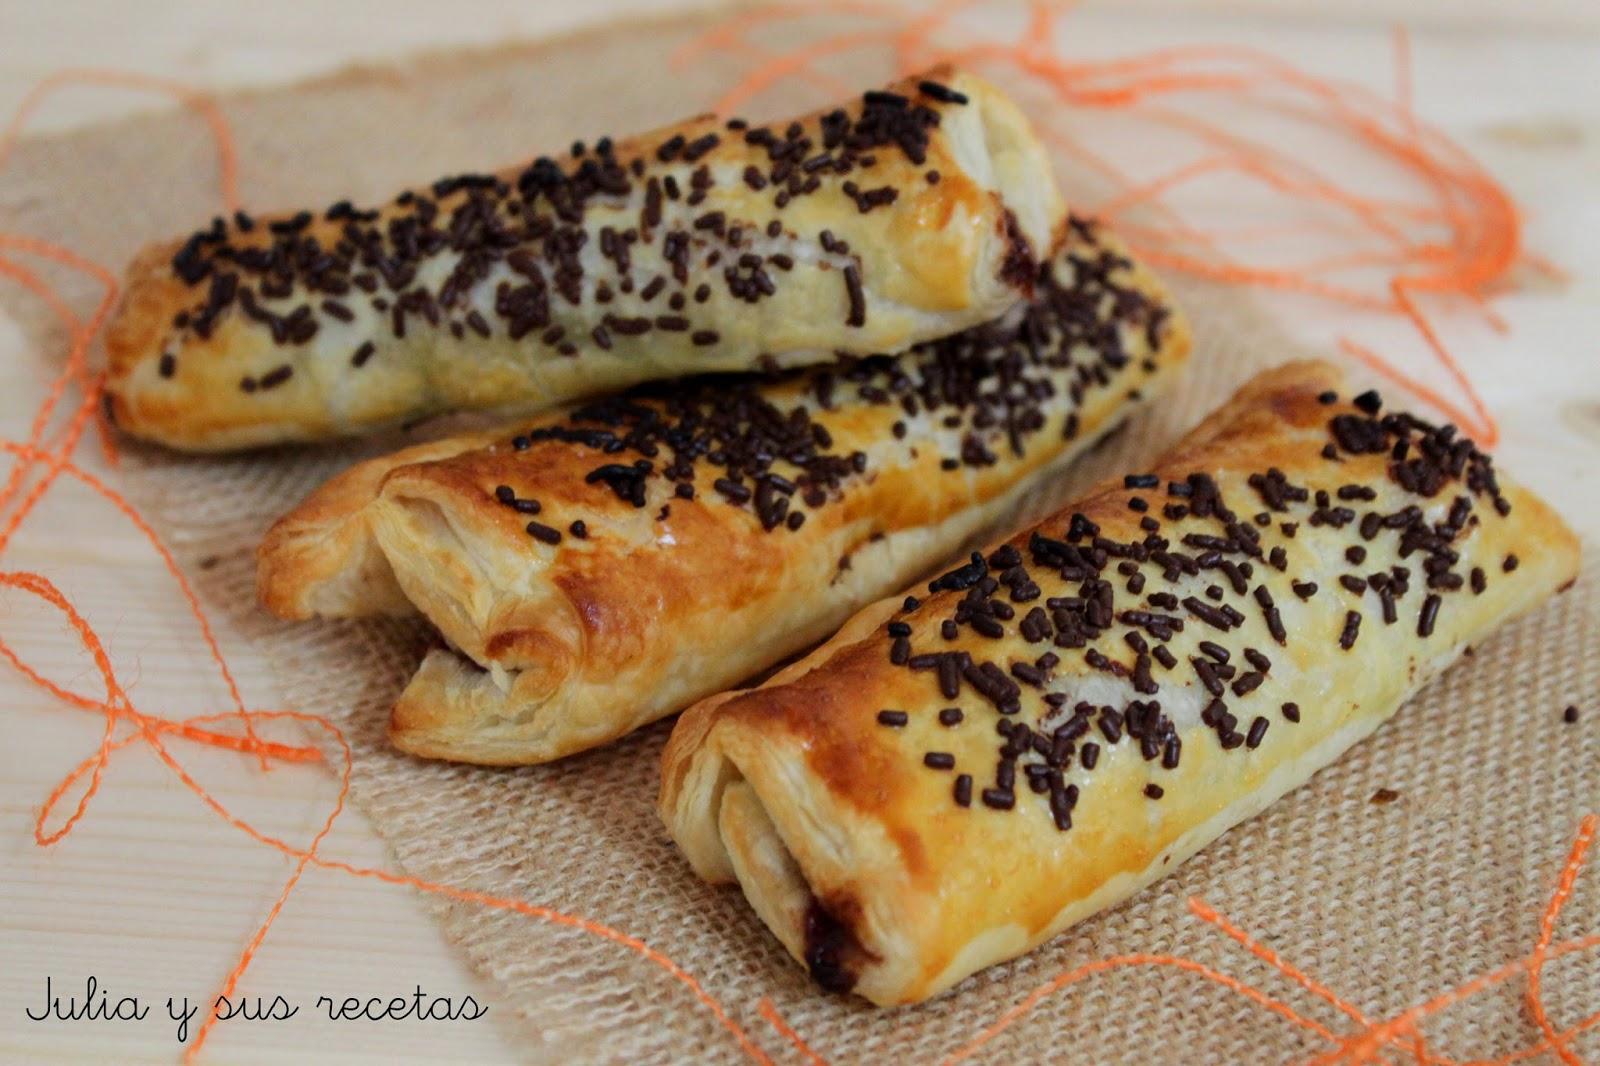 Cañas de chocolate o crema. Julia y sus recetas